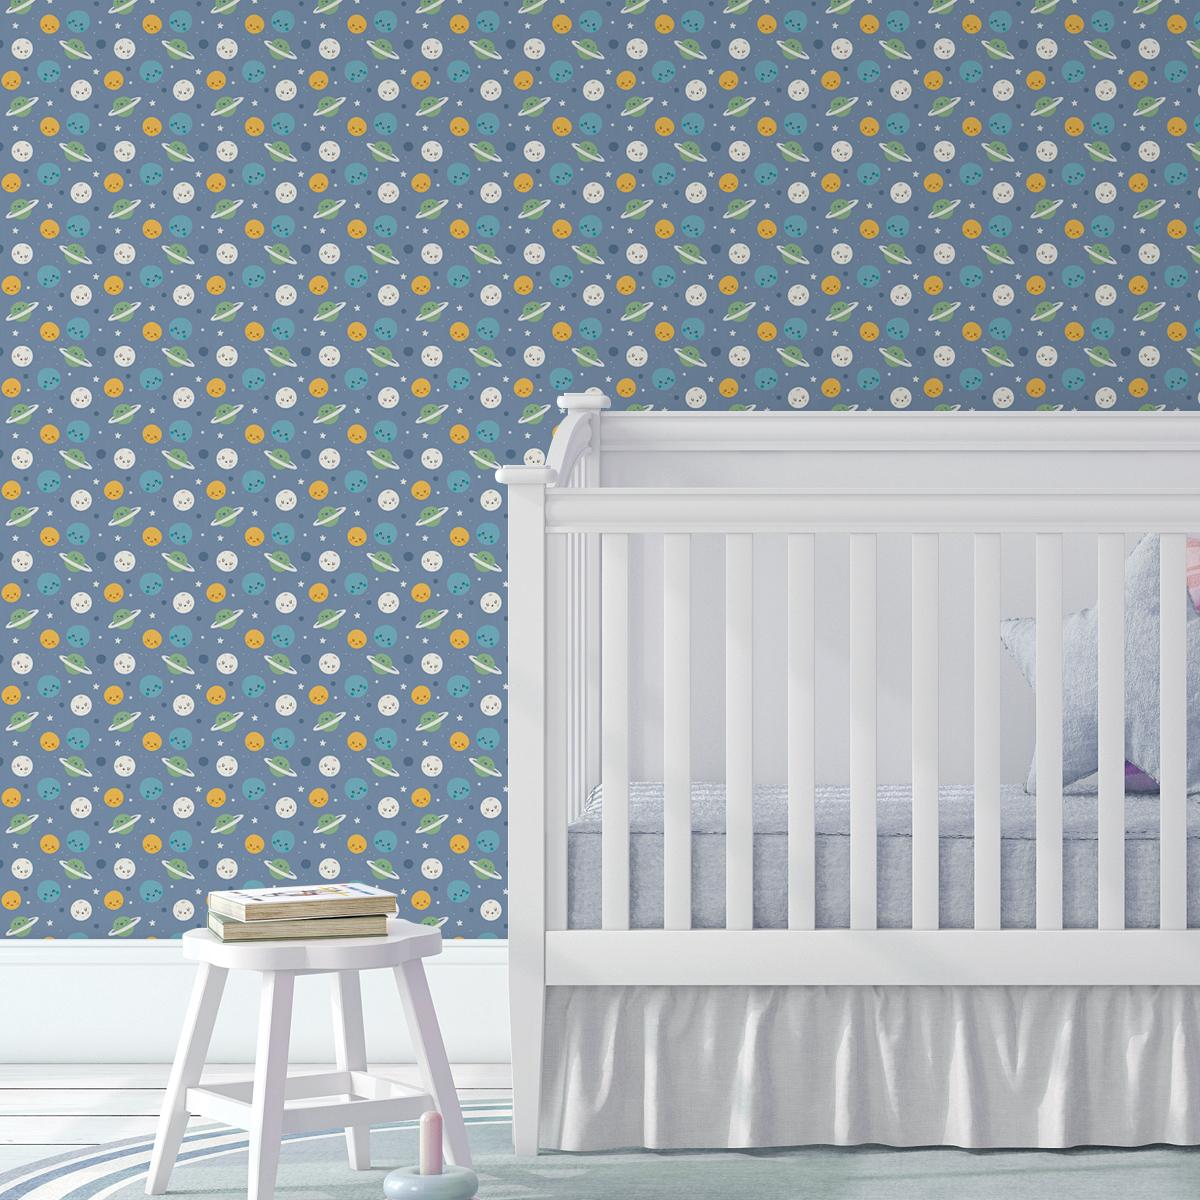 """Kinderzimmer Tapete """"Planeten Zauber"""" in blau für Astronauten Kinderzimmer"""